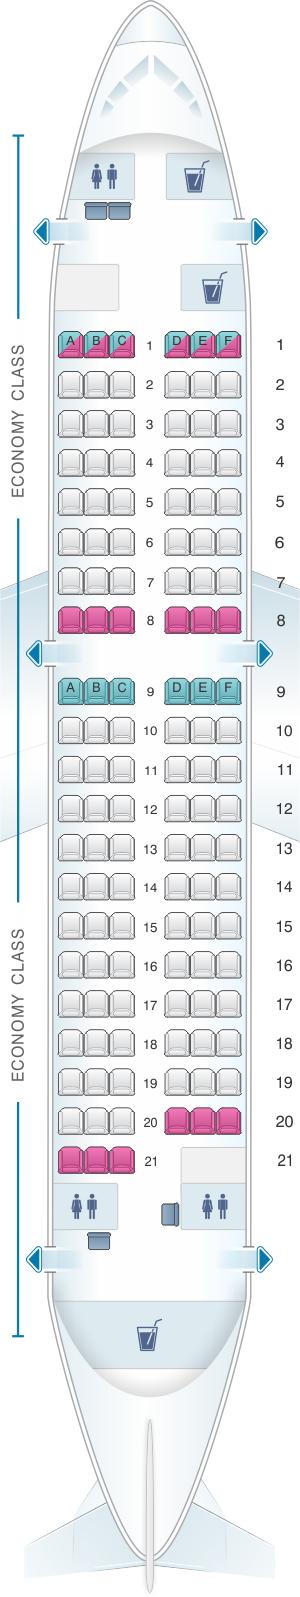 Plan De Cabine Finnair Airbus A319 Seatmaestro Fr